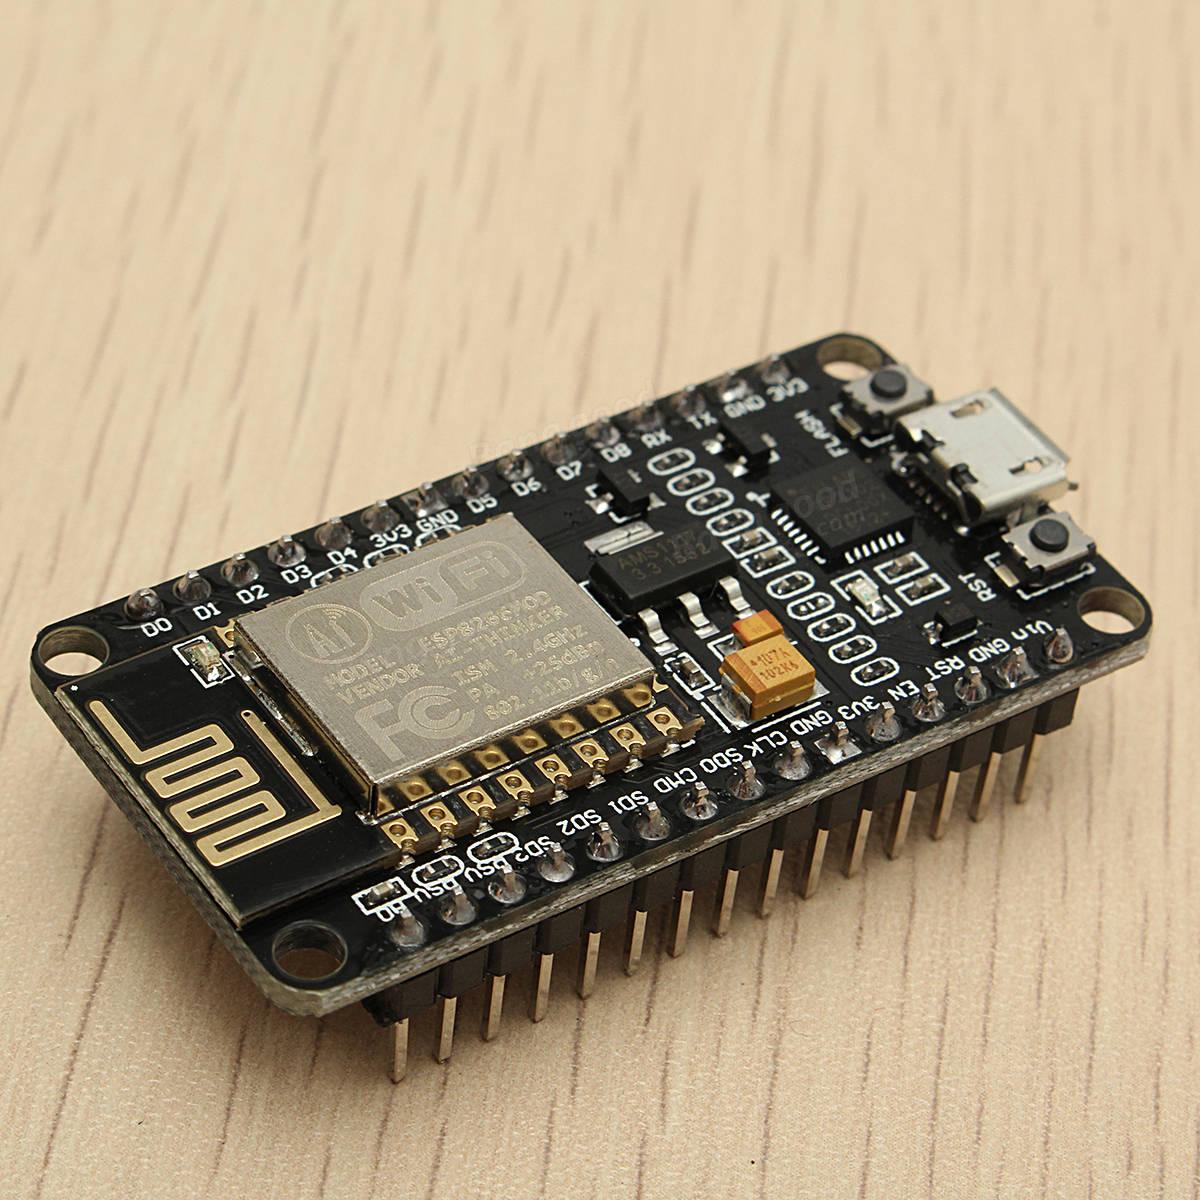 Geekcreit® NodeMcu Lua WIFI Internet Things Development Board Based ESP8266 CP2102 Wireless Module